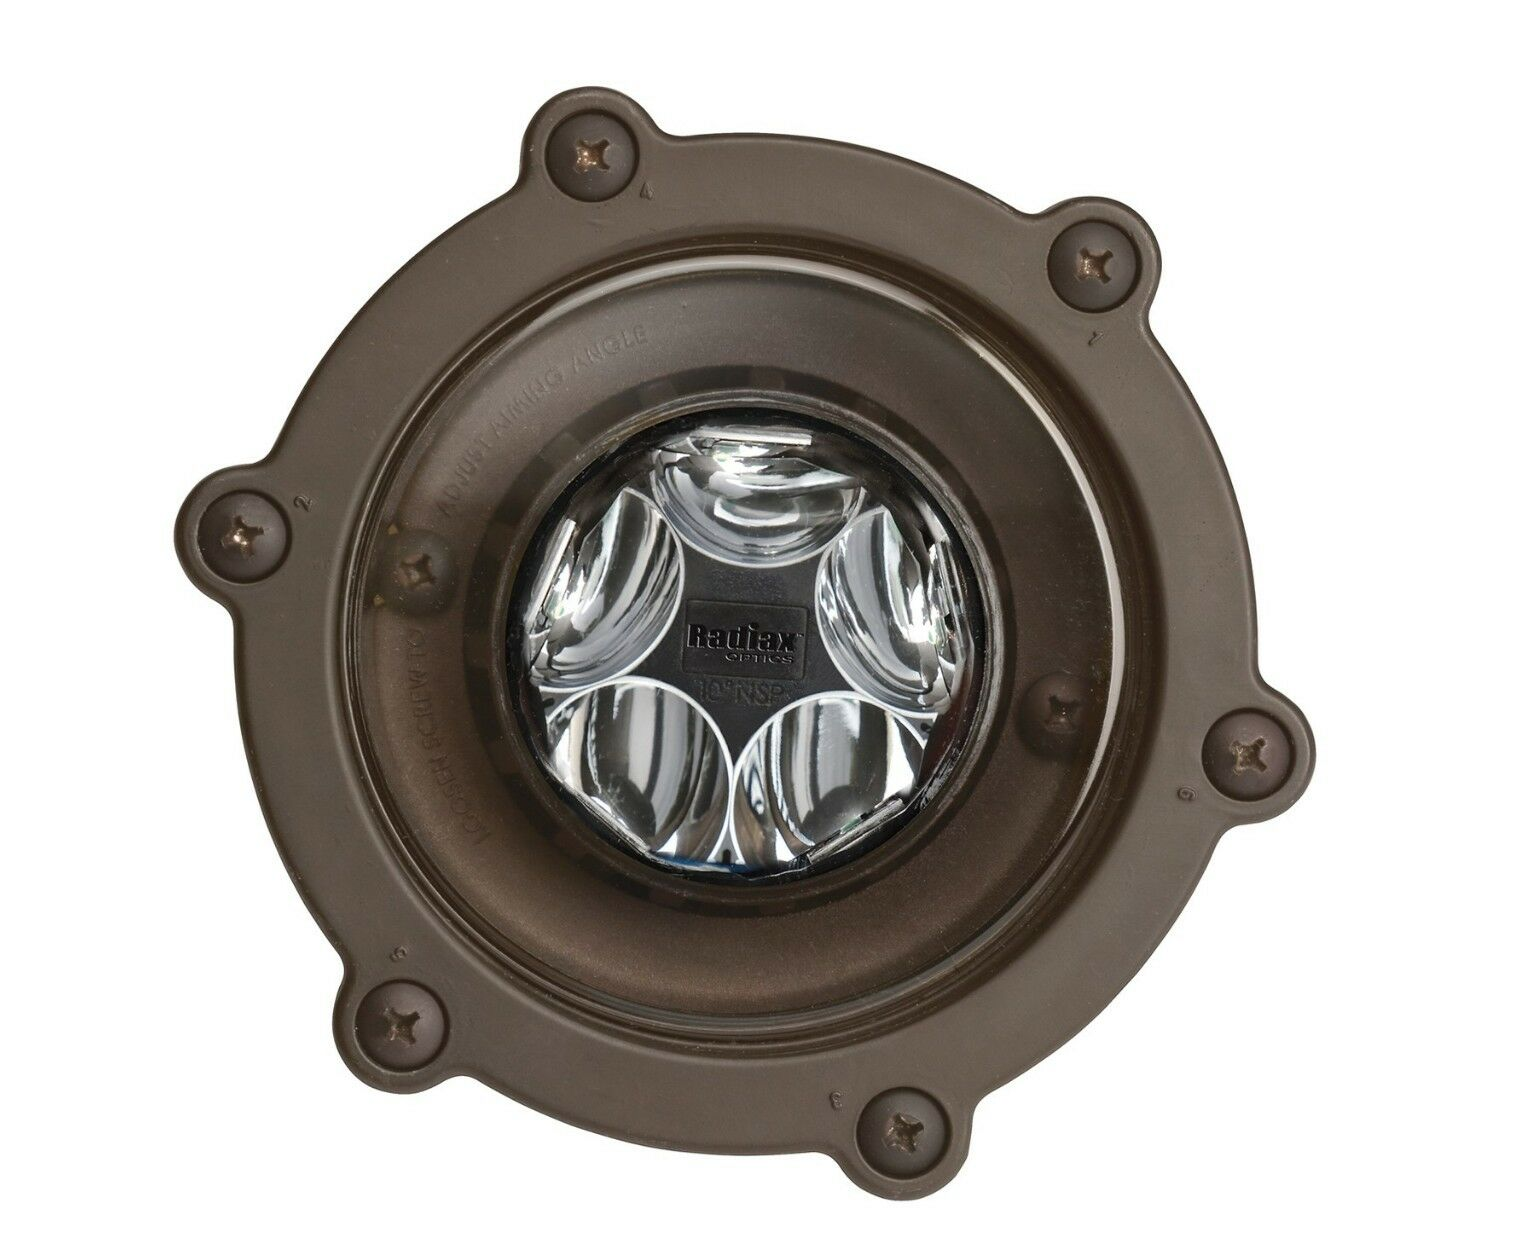 Kichler - 16036BBR27-LED en el suelo Spot, 12V 2700K, 14W, 10 grados, latón bronceado